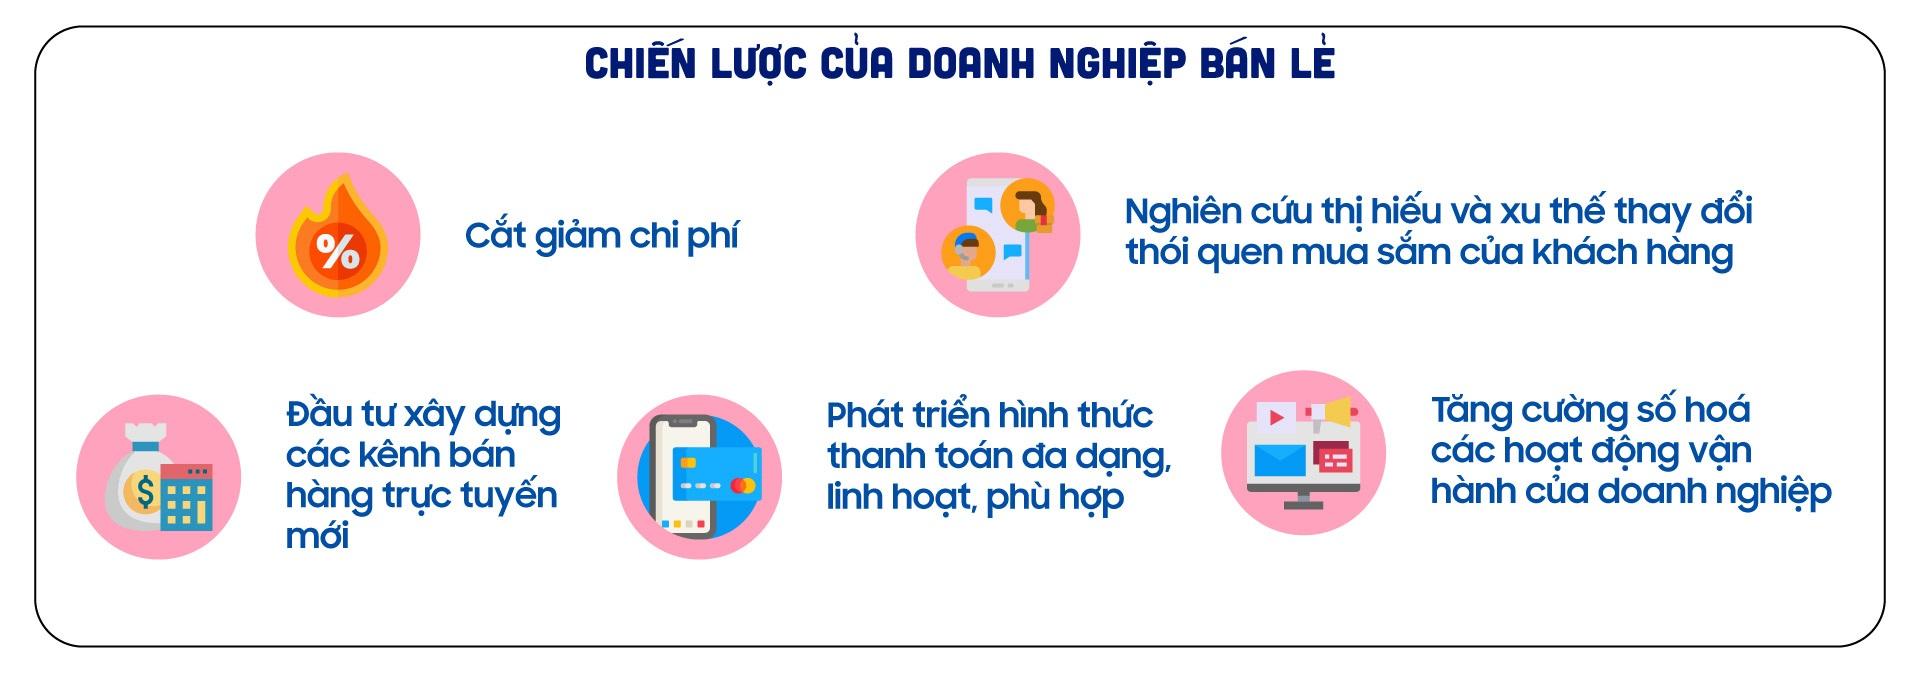 Chuyện thương trường 2020: Biến số Covid-19 và lời giải của doanh nghiệp Việt - Ảnh 3.